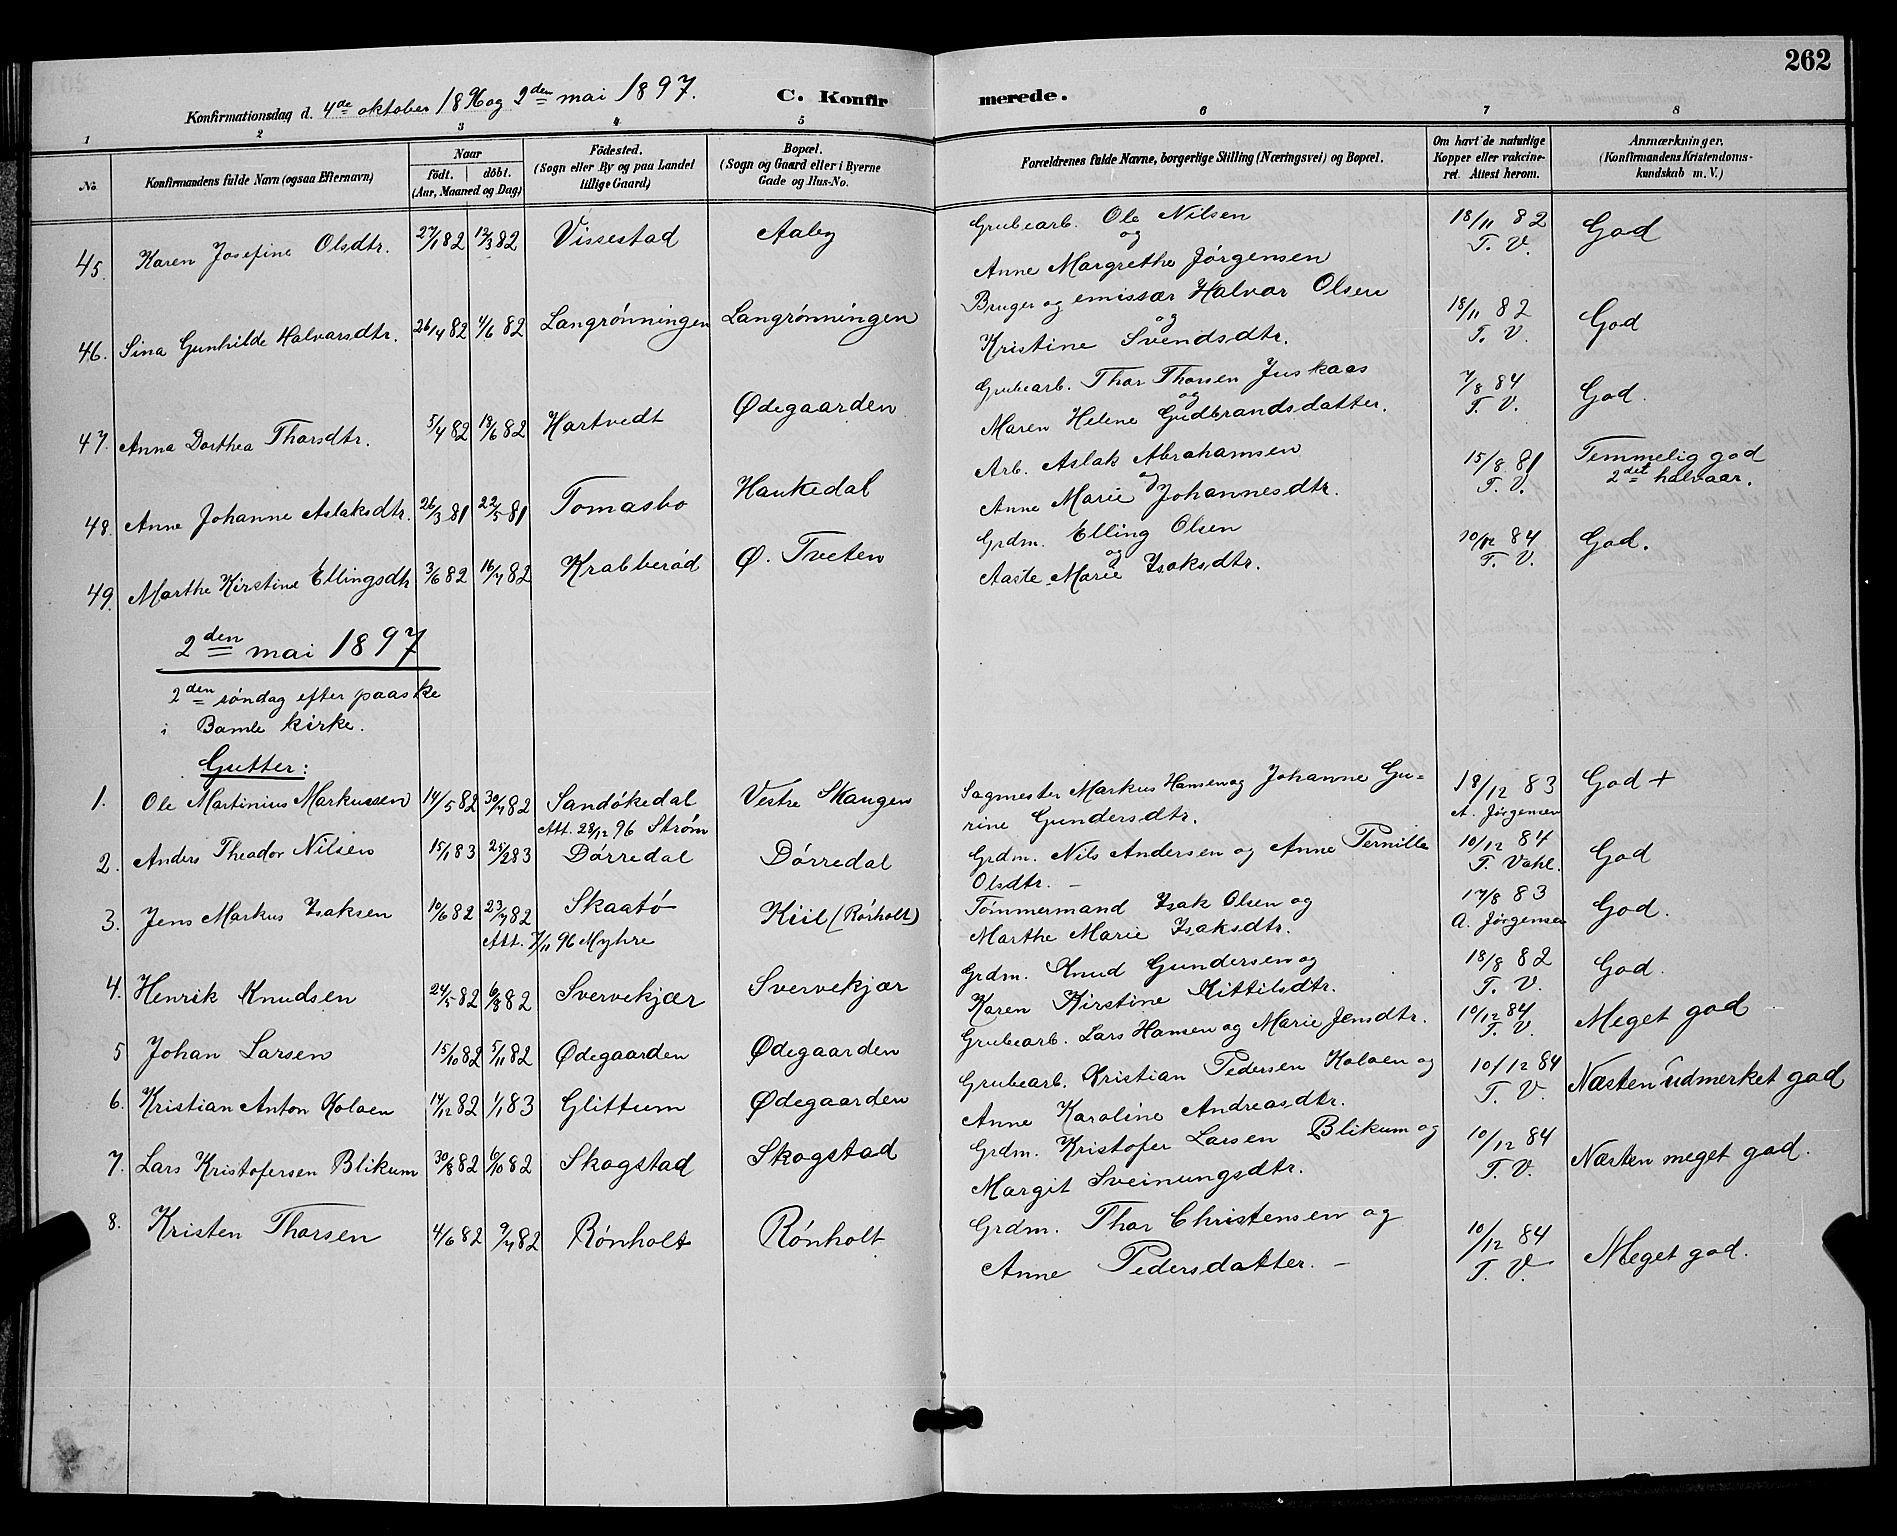 SAKO, Bamble kirkebøker, G/Ga/L0009: Klokkerbok nr. I 9, 1888-1900, s. 262